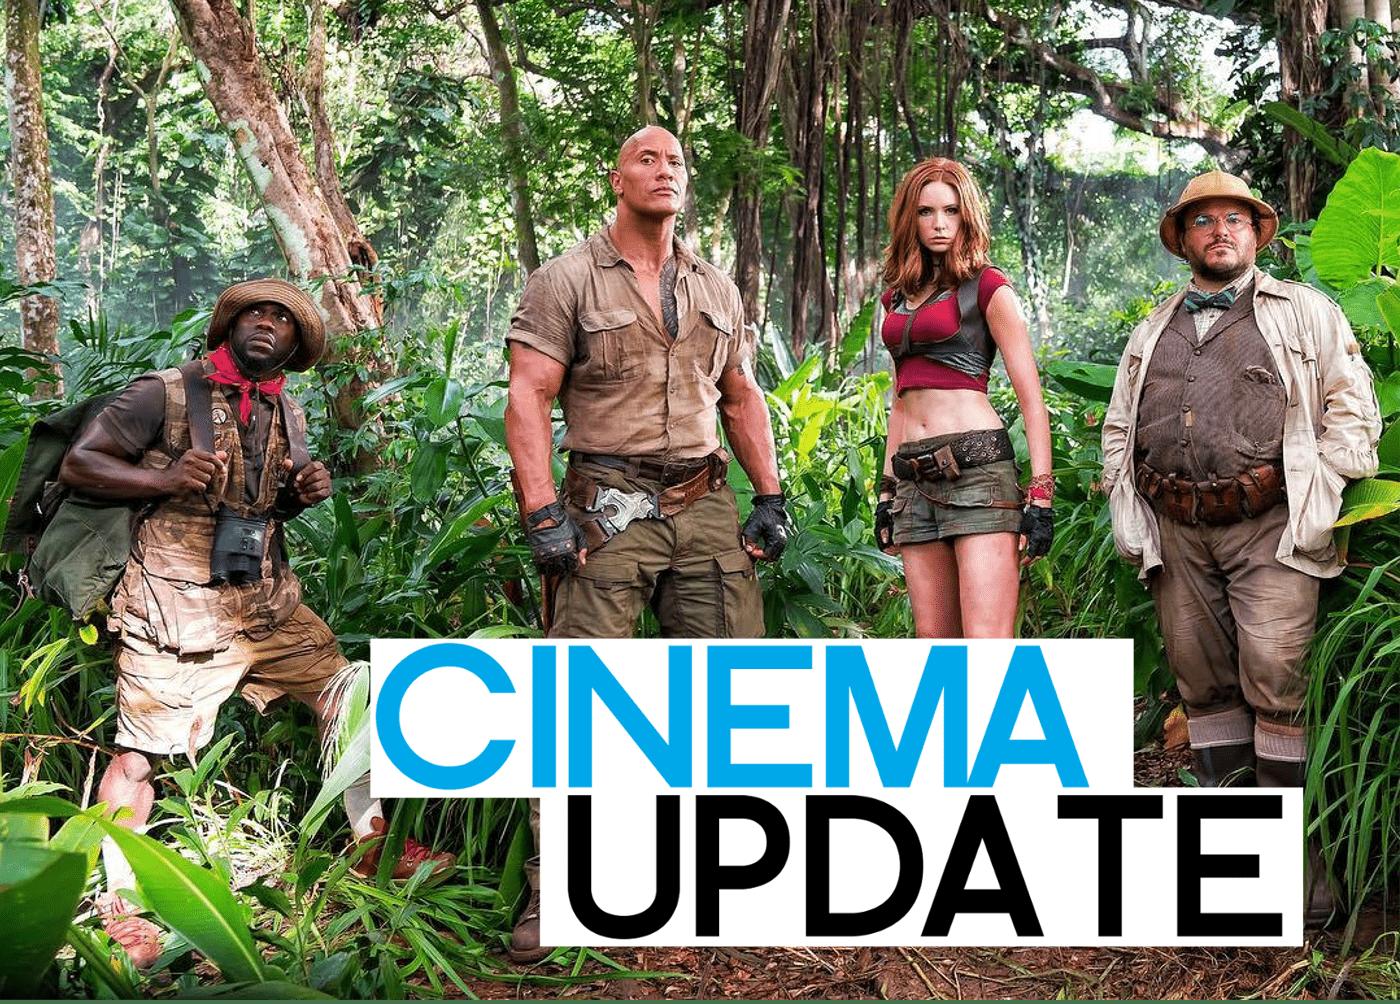 Cinema Update #63 – Toni Erdmann Remake, Ryan Gosling als Willy Wonka, Inhumans & Jumanji